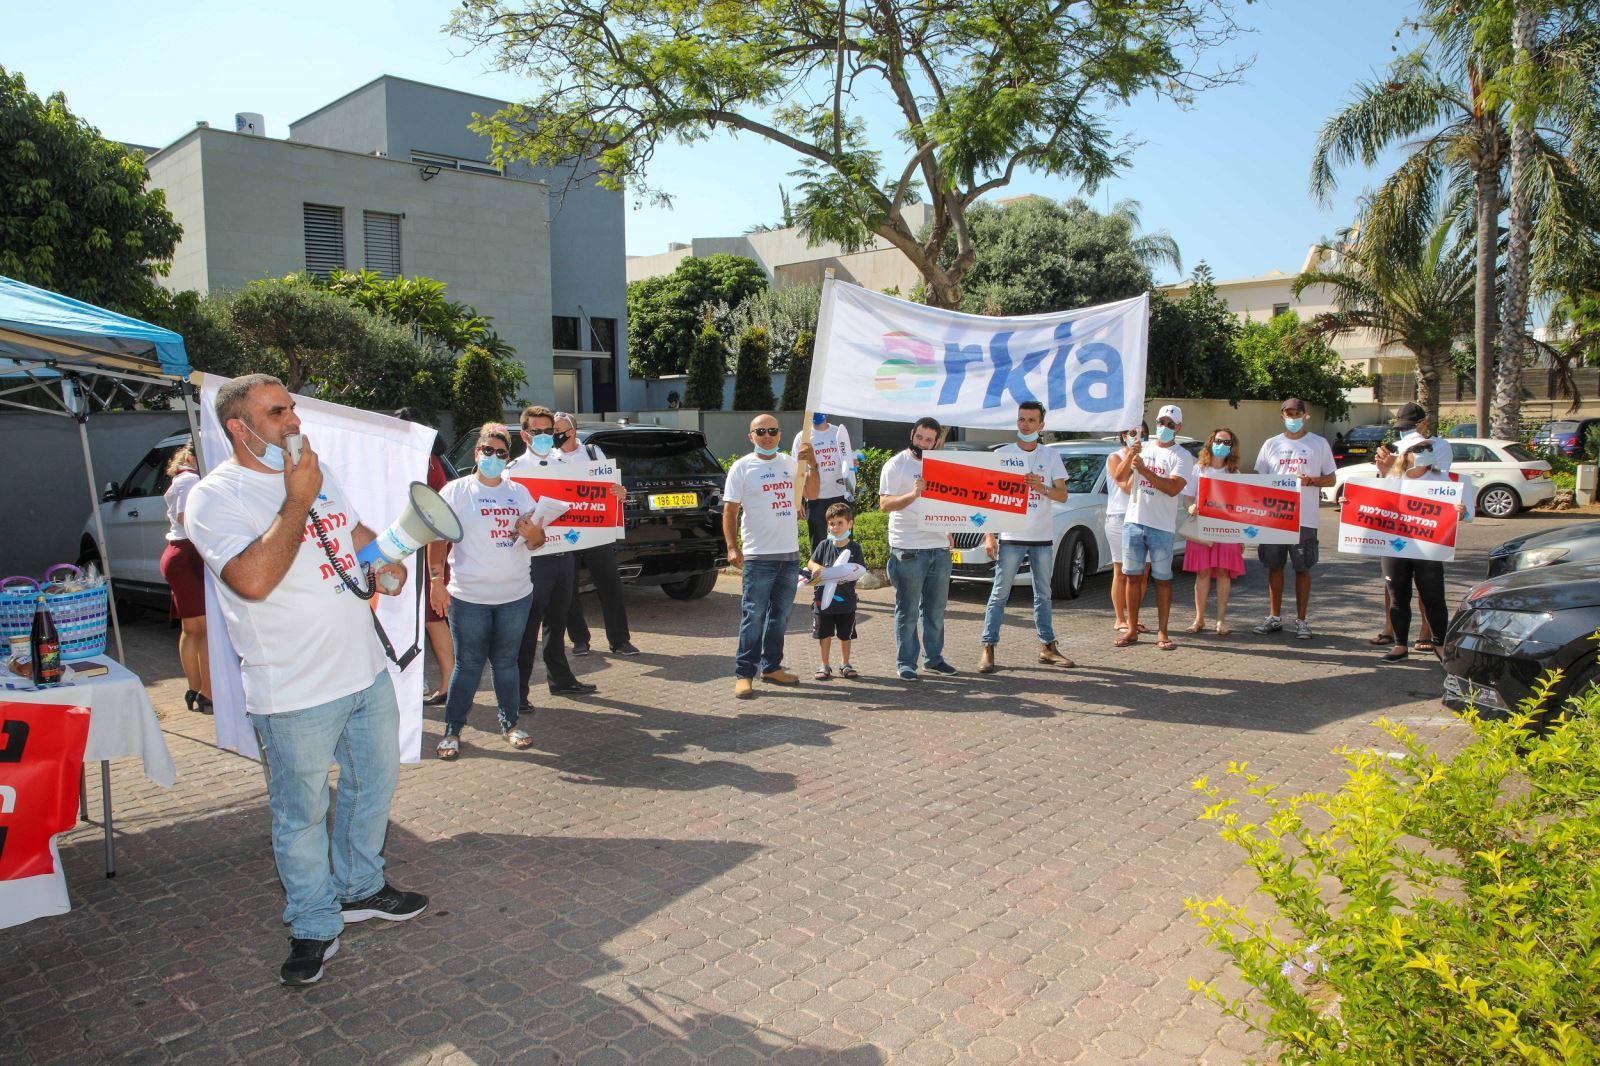 עובדי ארקיע ממשיכים במאבקם נגד משפחת נקש, בעלי החברה, וקוראים להם להחזיר את החברה המושבתת לפעילות באופן מיידי